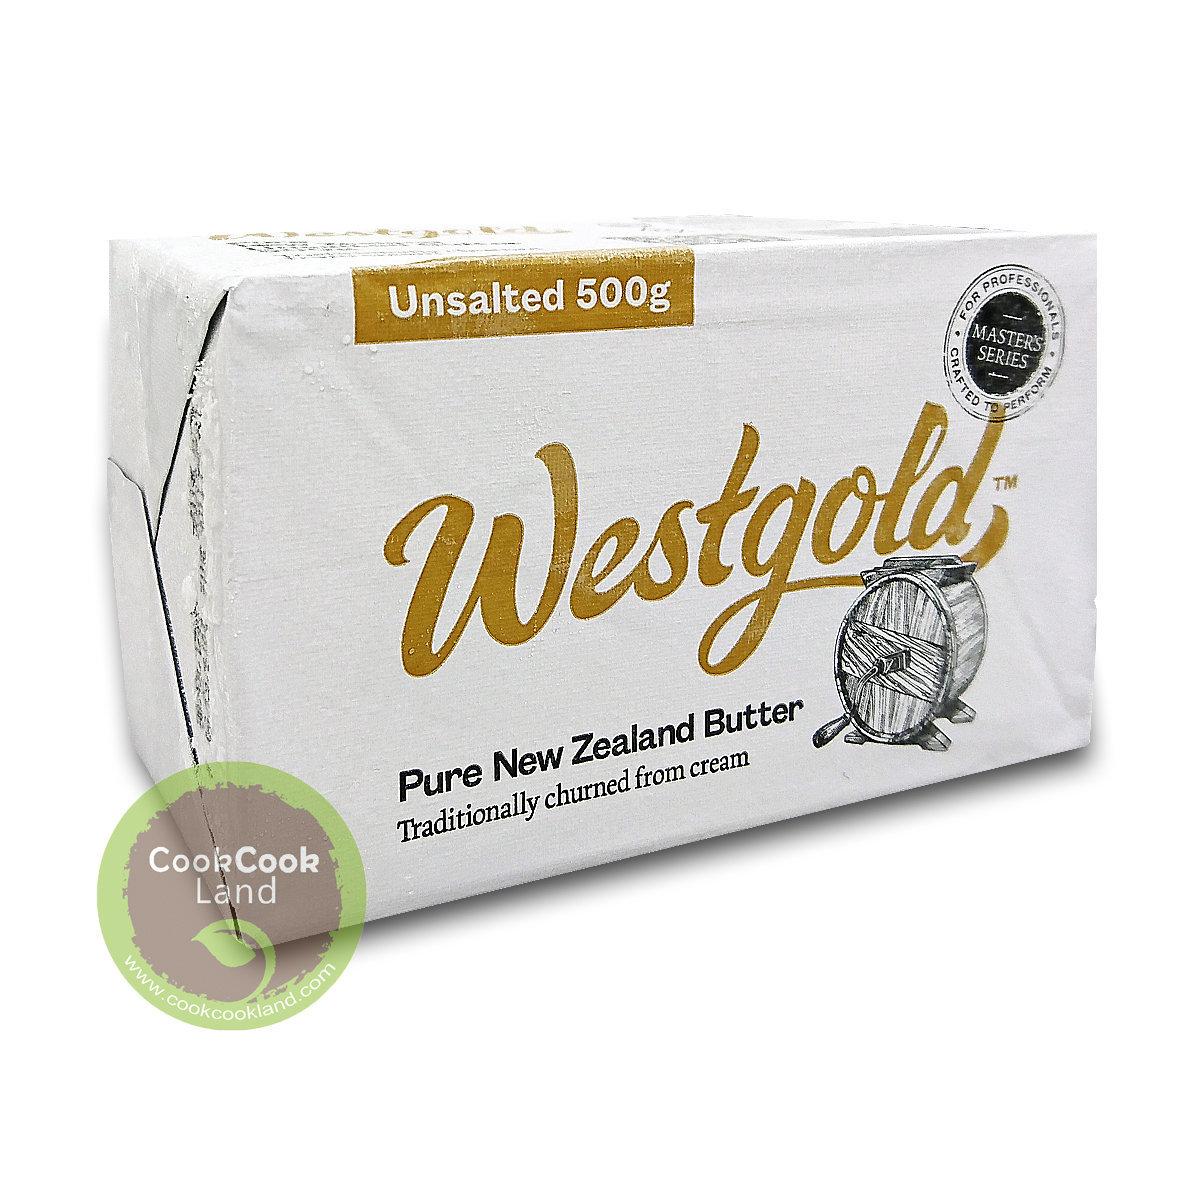 紐西蘭磅裝牛油,無鹽